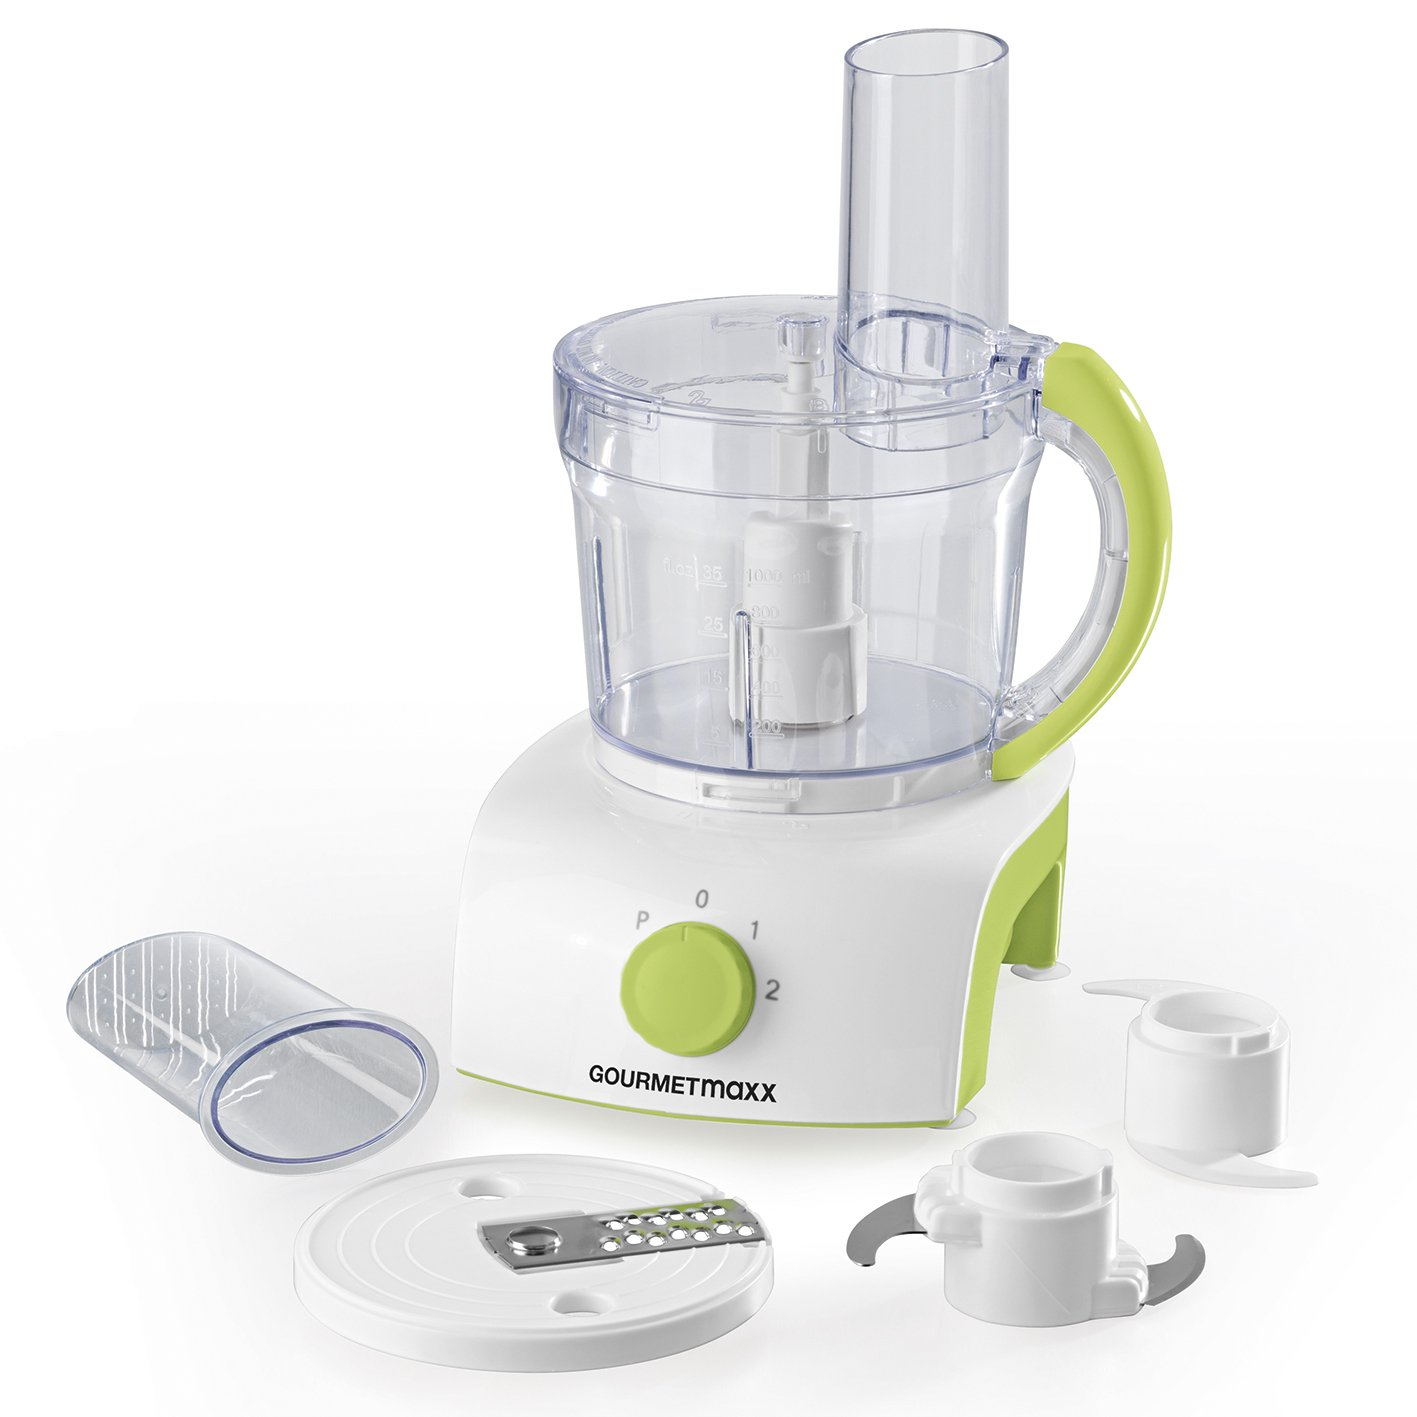 Amazon.de: GOURMETmaxx Multifunktionale Küchenmaschine mit 3 ...